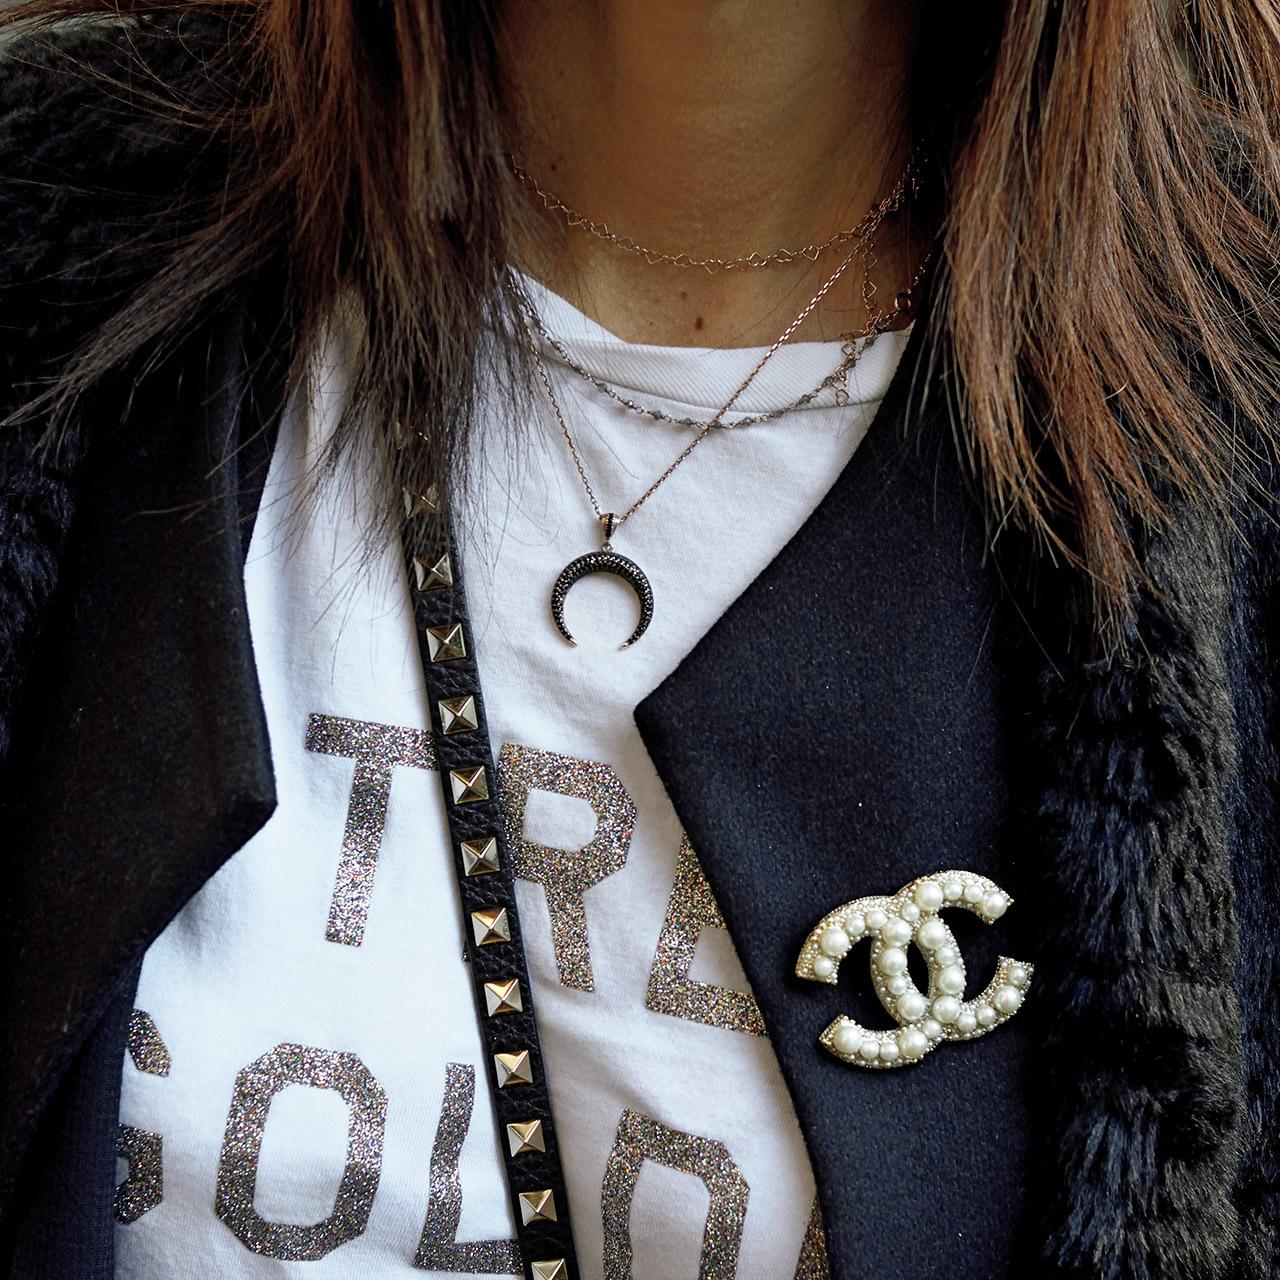 パリ&ミラノの冬トレンドキーワード⑥「チャームつきネックレス」 五選_1_1-5